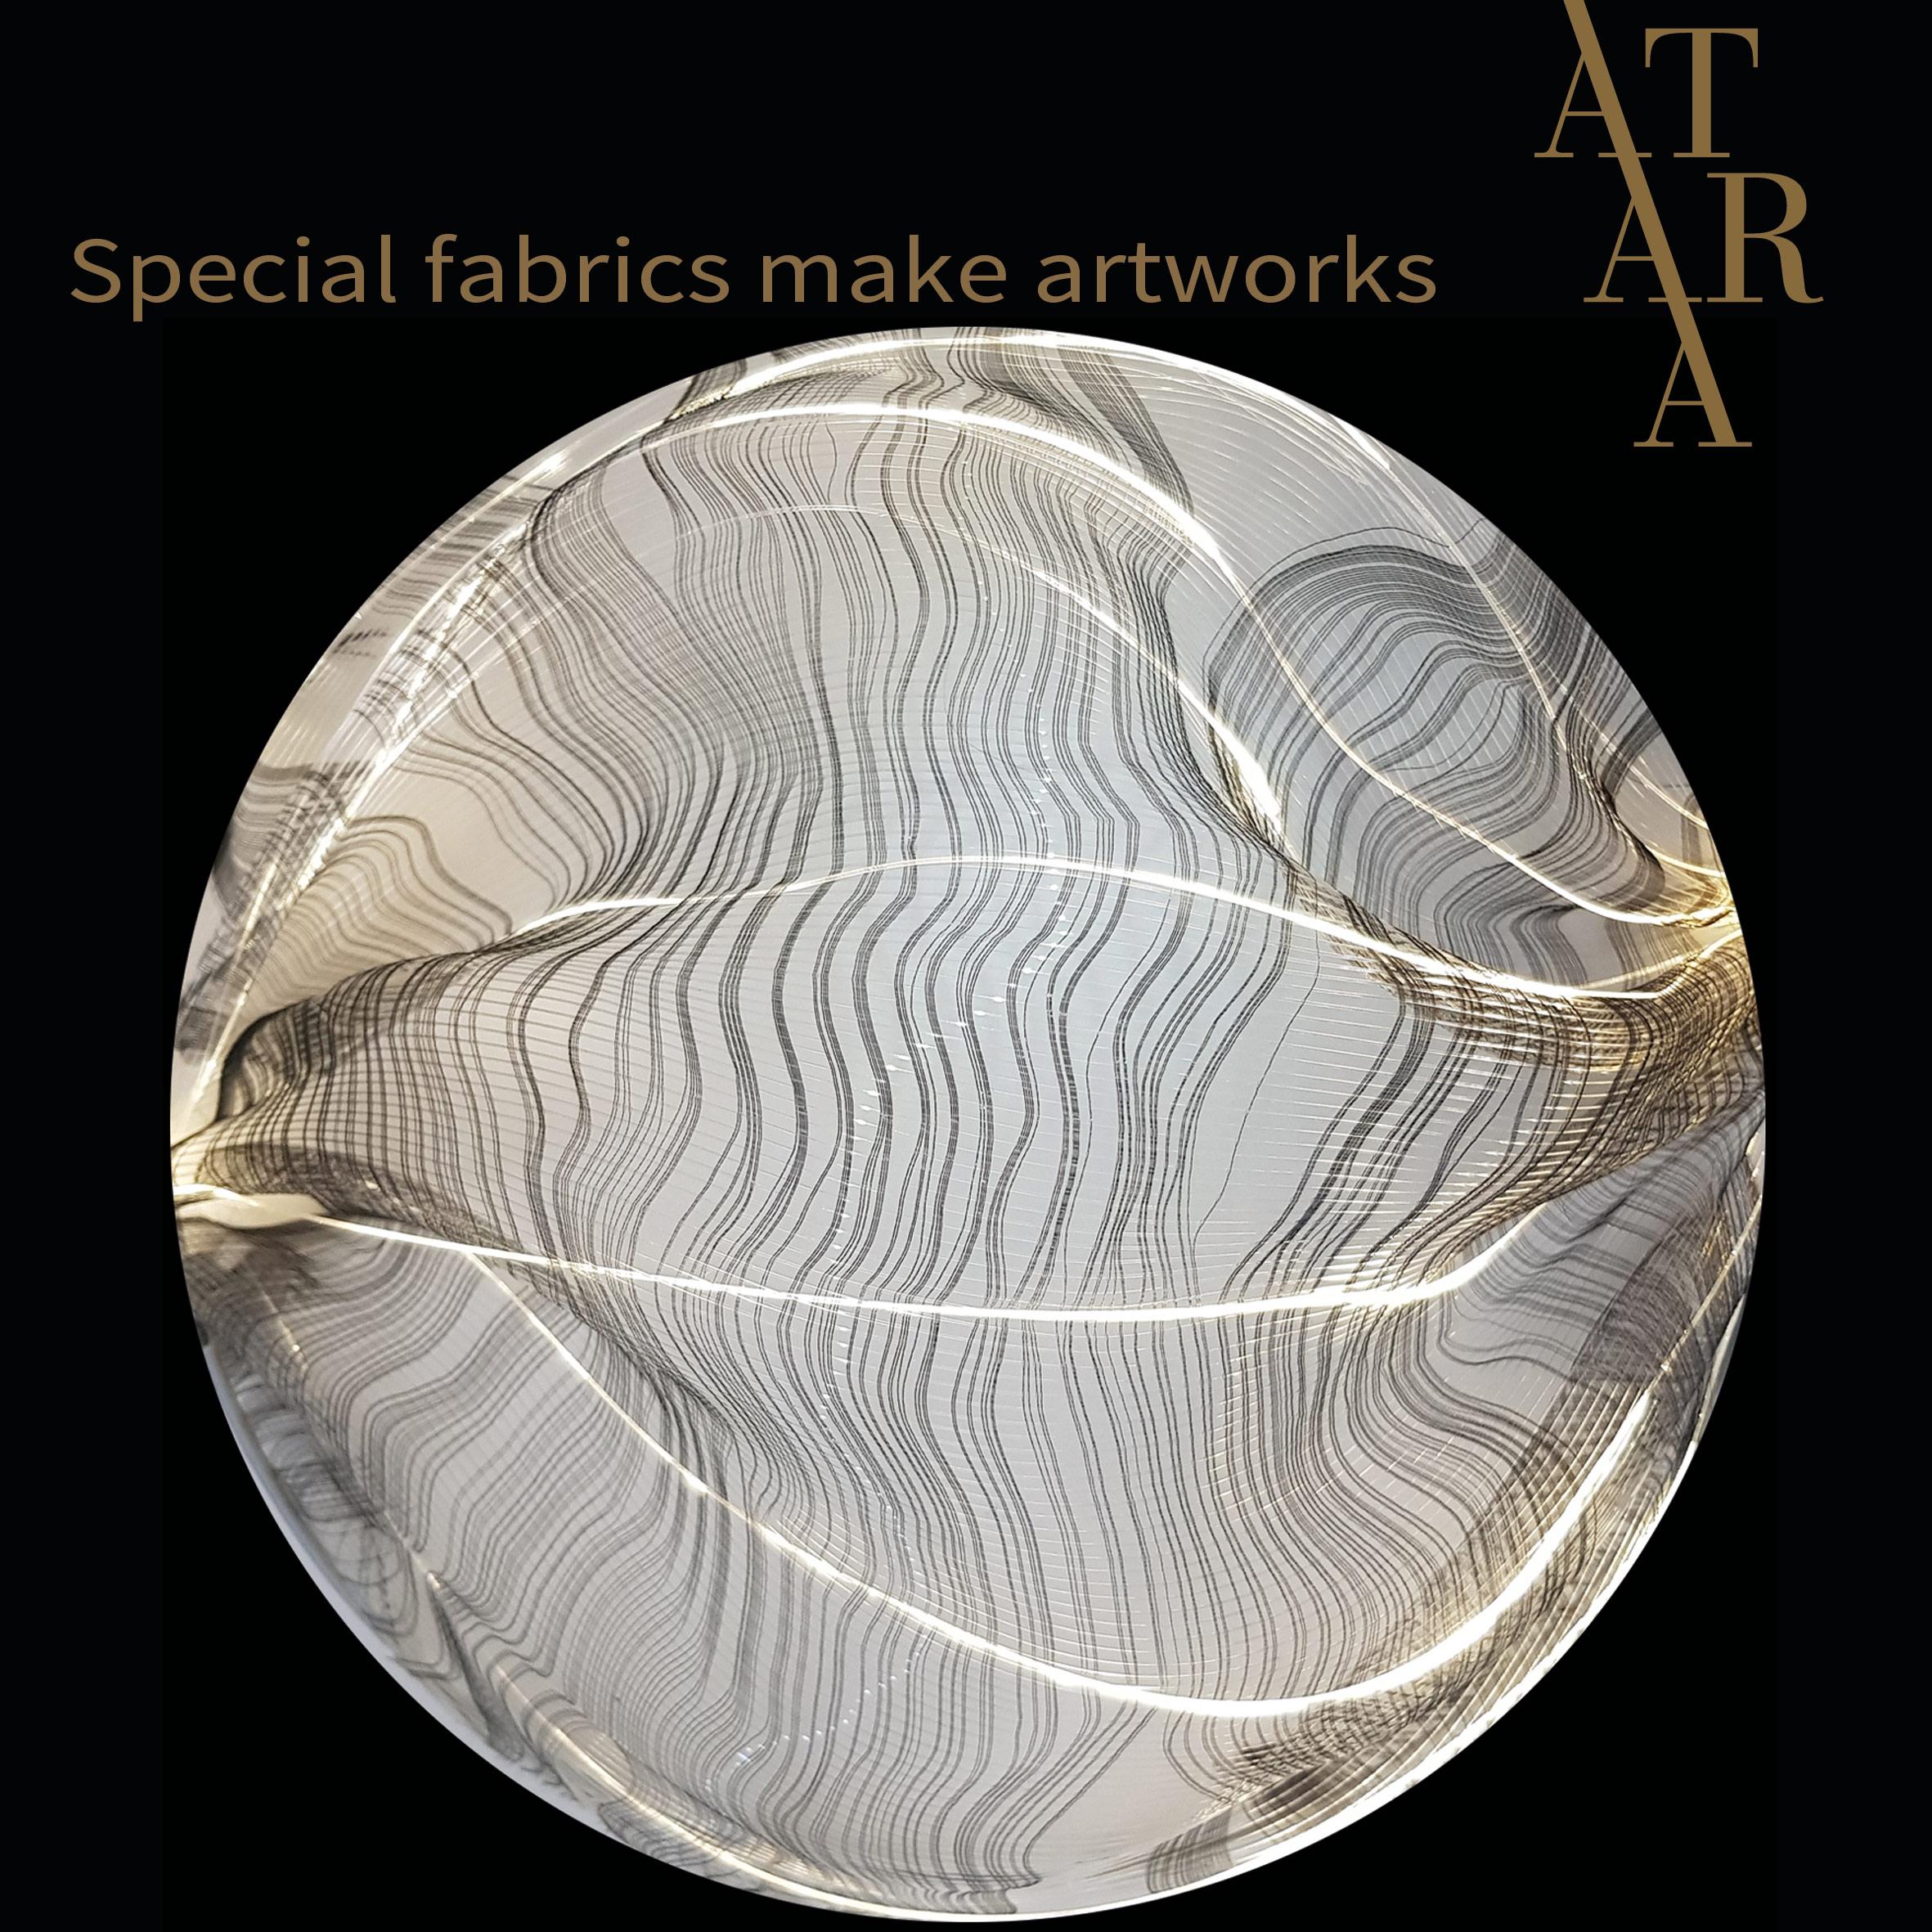 Kunstvolles Lichtdesign mit ATARA design